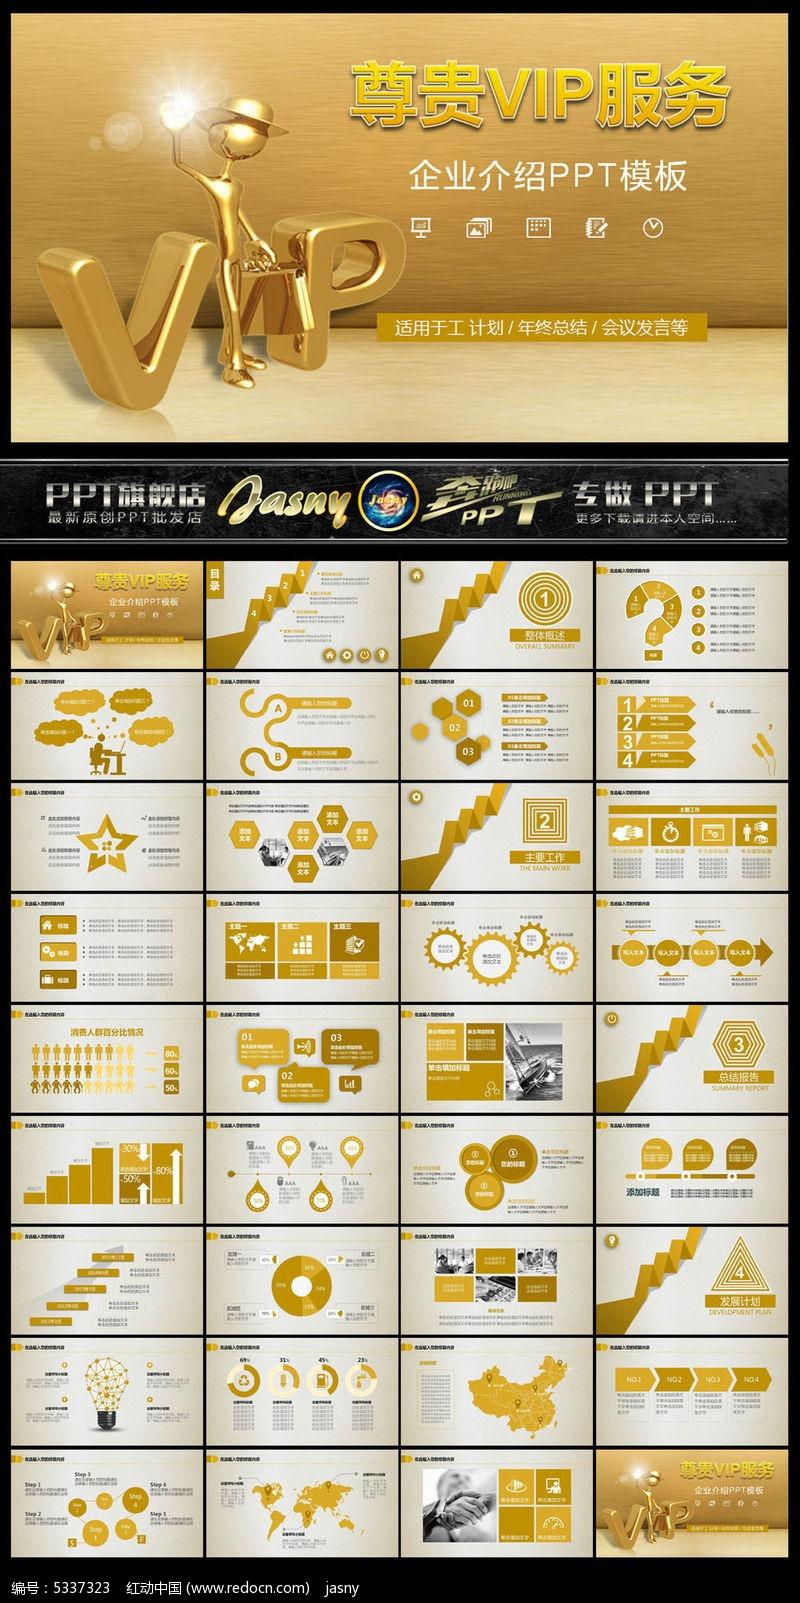 尊贵vip服务介绍ppt模板